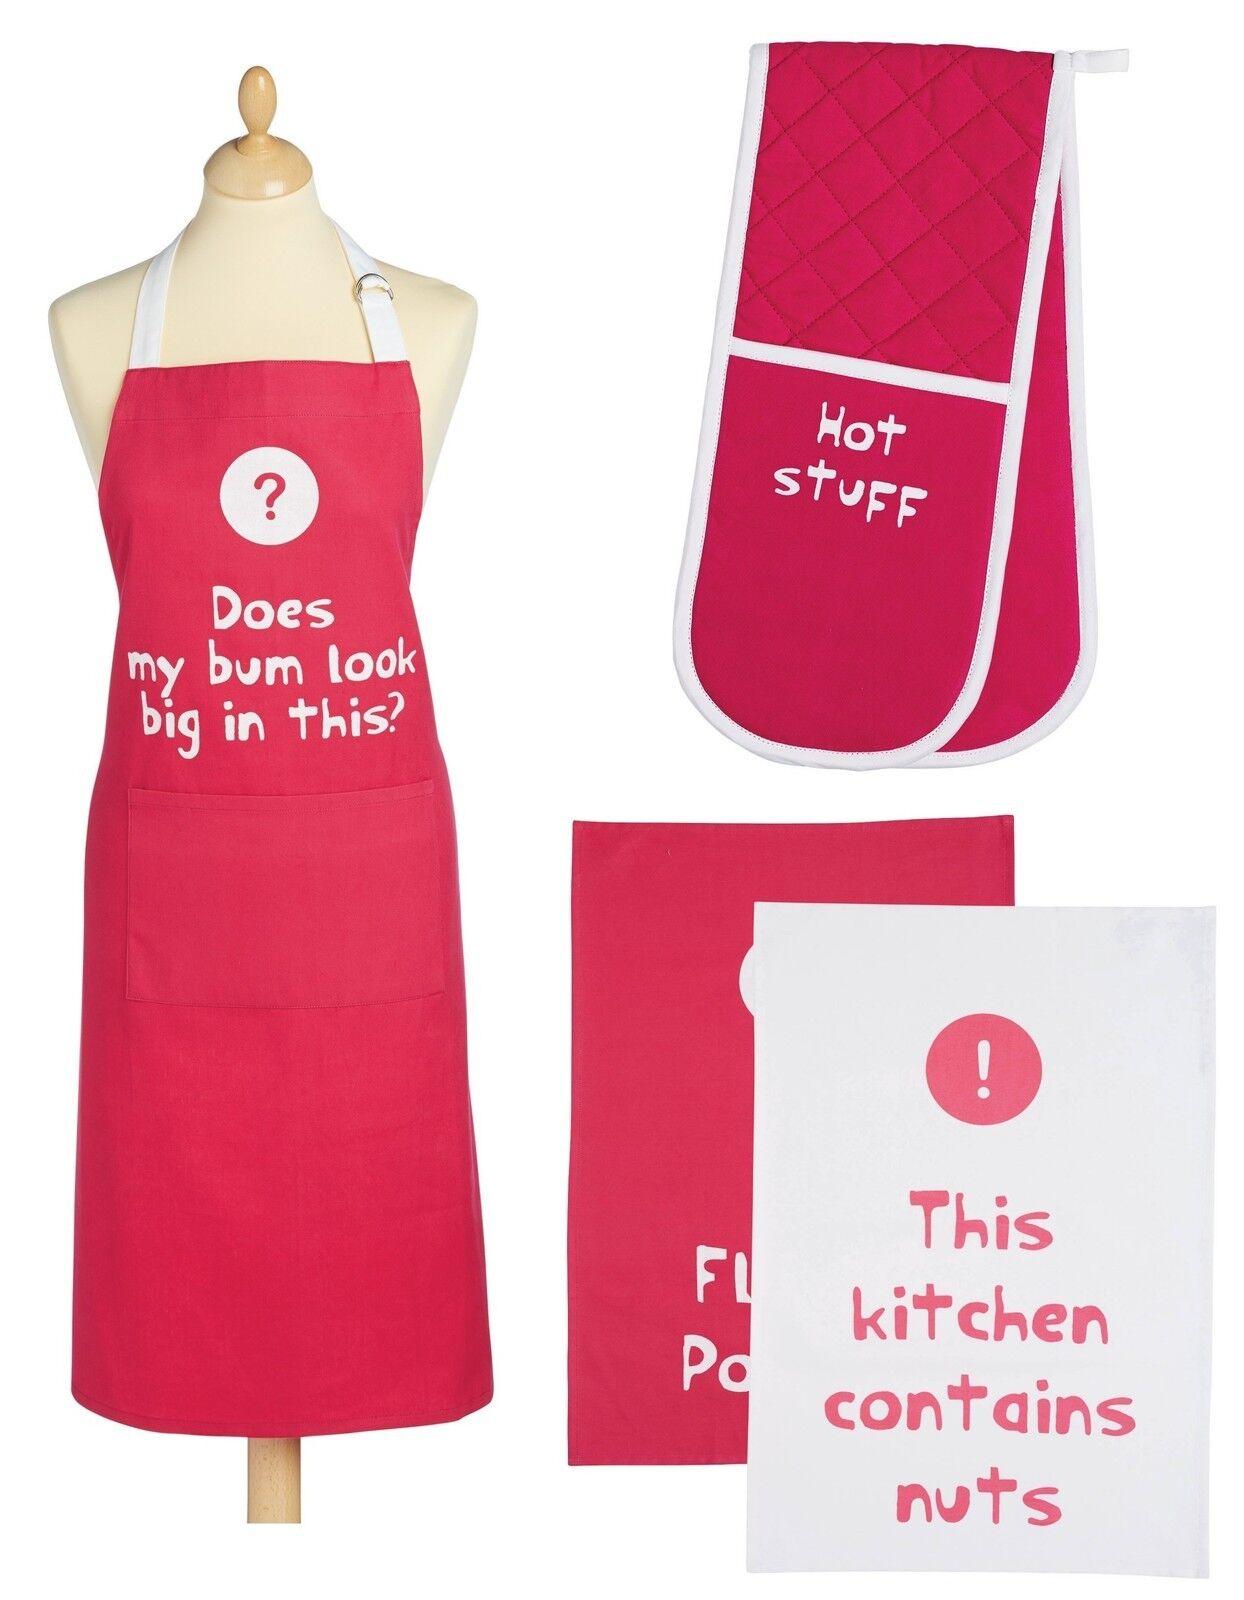 Küchen Handwerk Zitate Rosa Baumwolle Küchenschürze, Doppelte Ofenhandschuhe Tee  | Die Königin Der Qualität